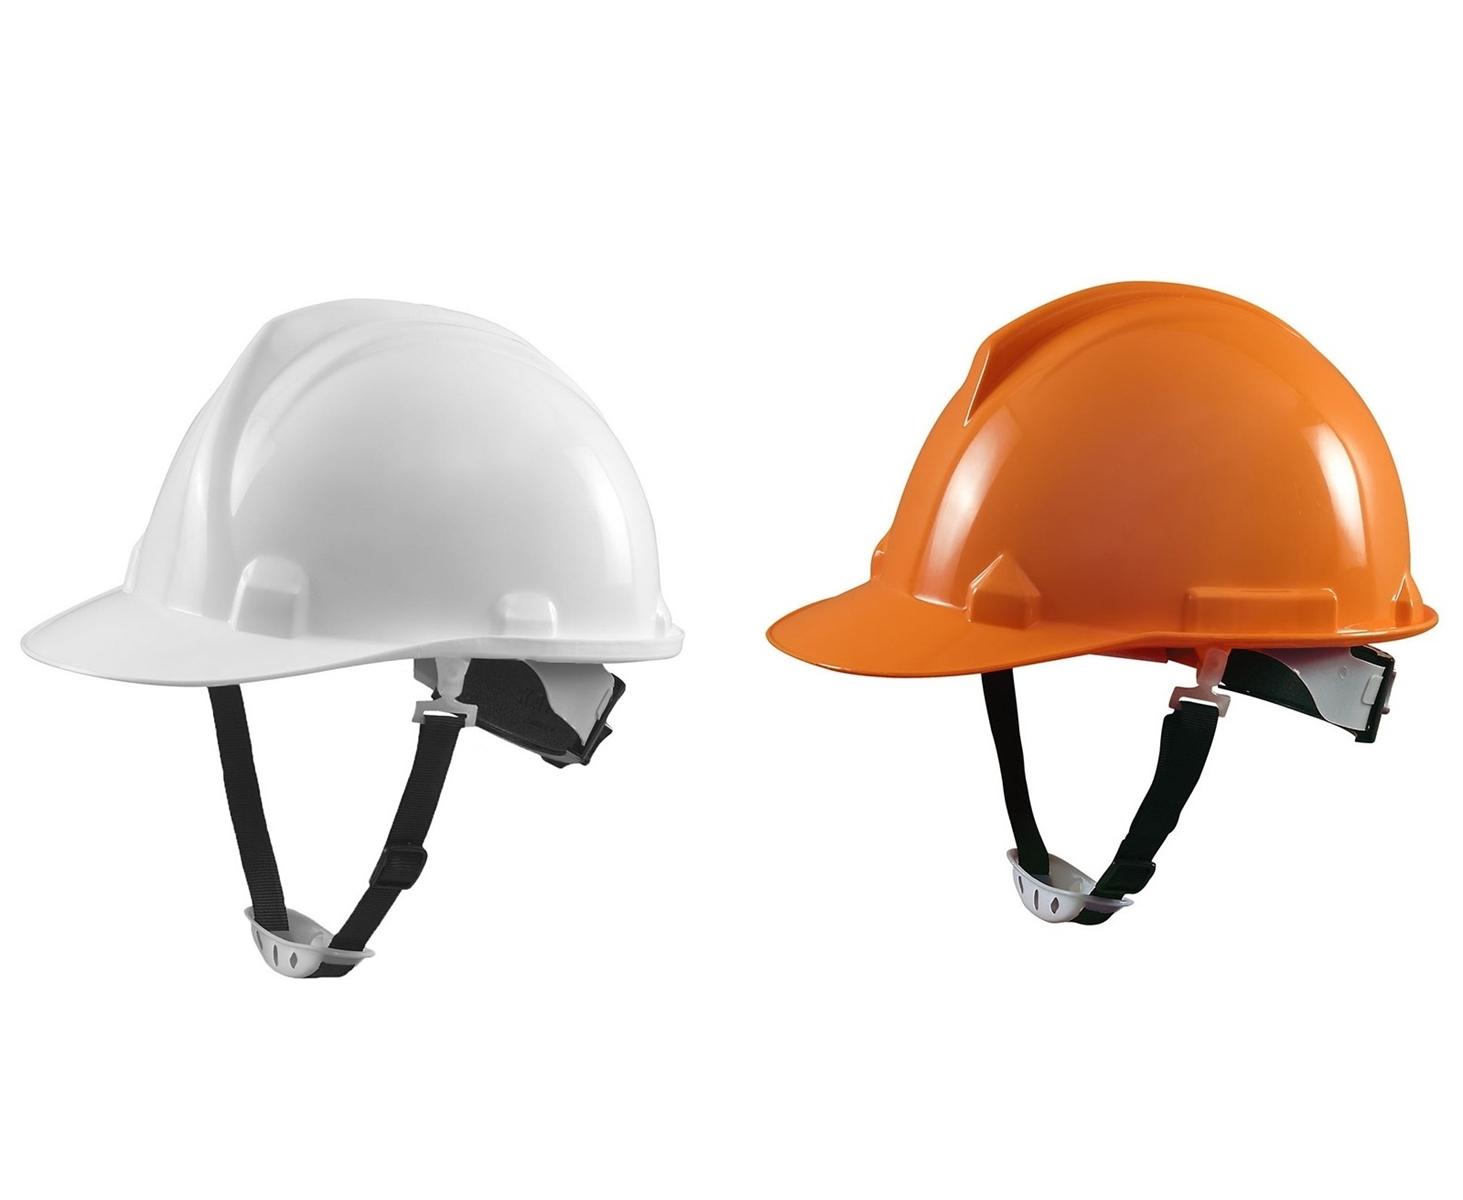 Mũ Bảo Hộ Lao Động Giá Rẻ Số #1 Hà Nội | Chỉ từ 22.000đ